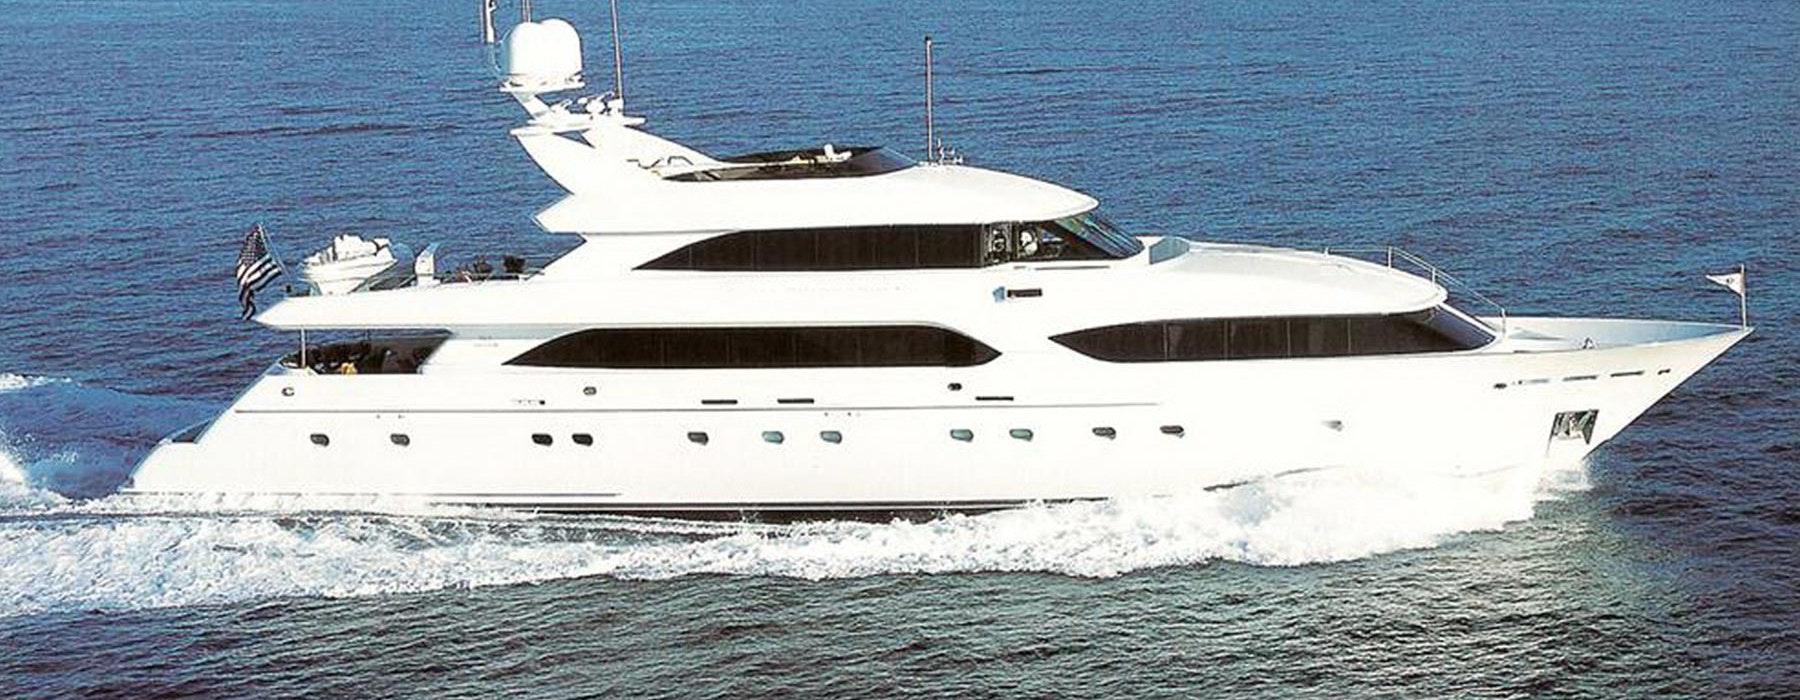 Westship Yacht MONA LIZA Profile